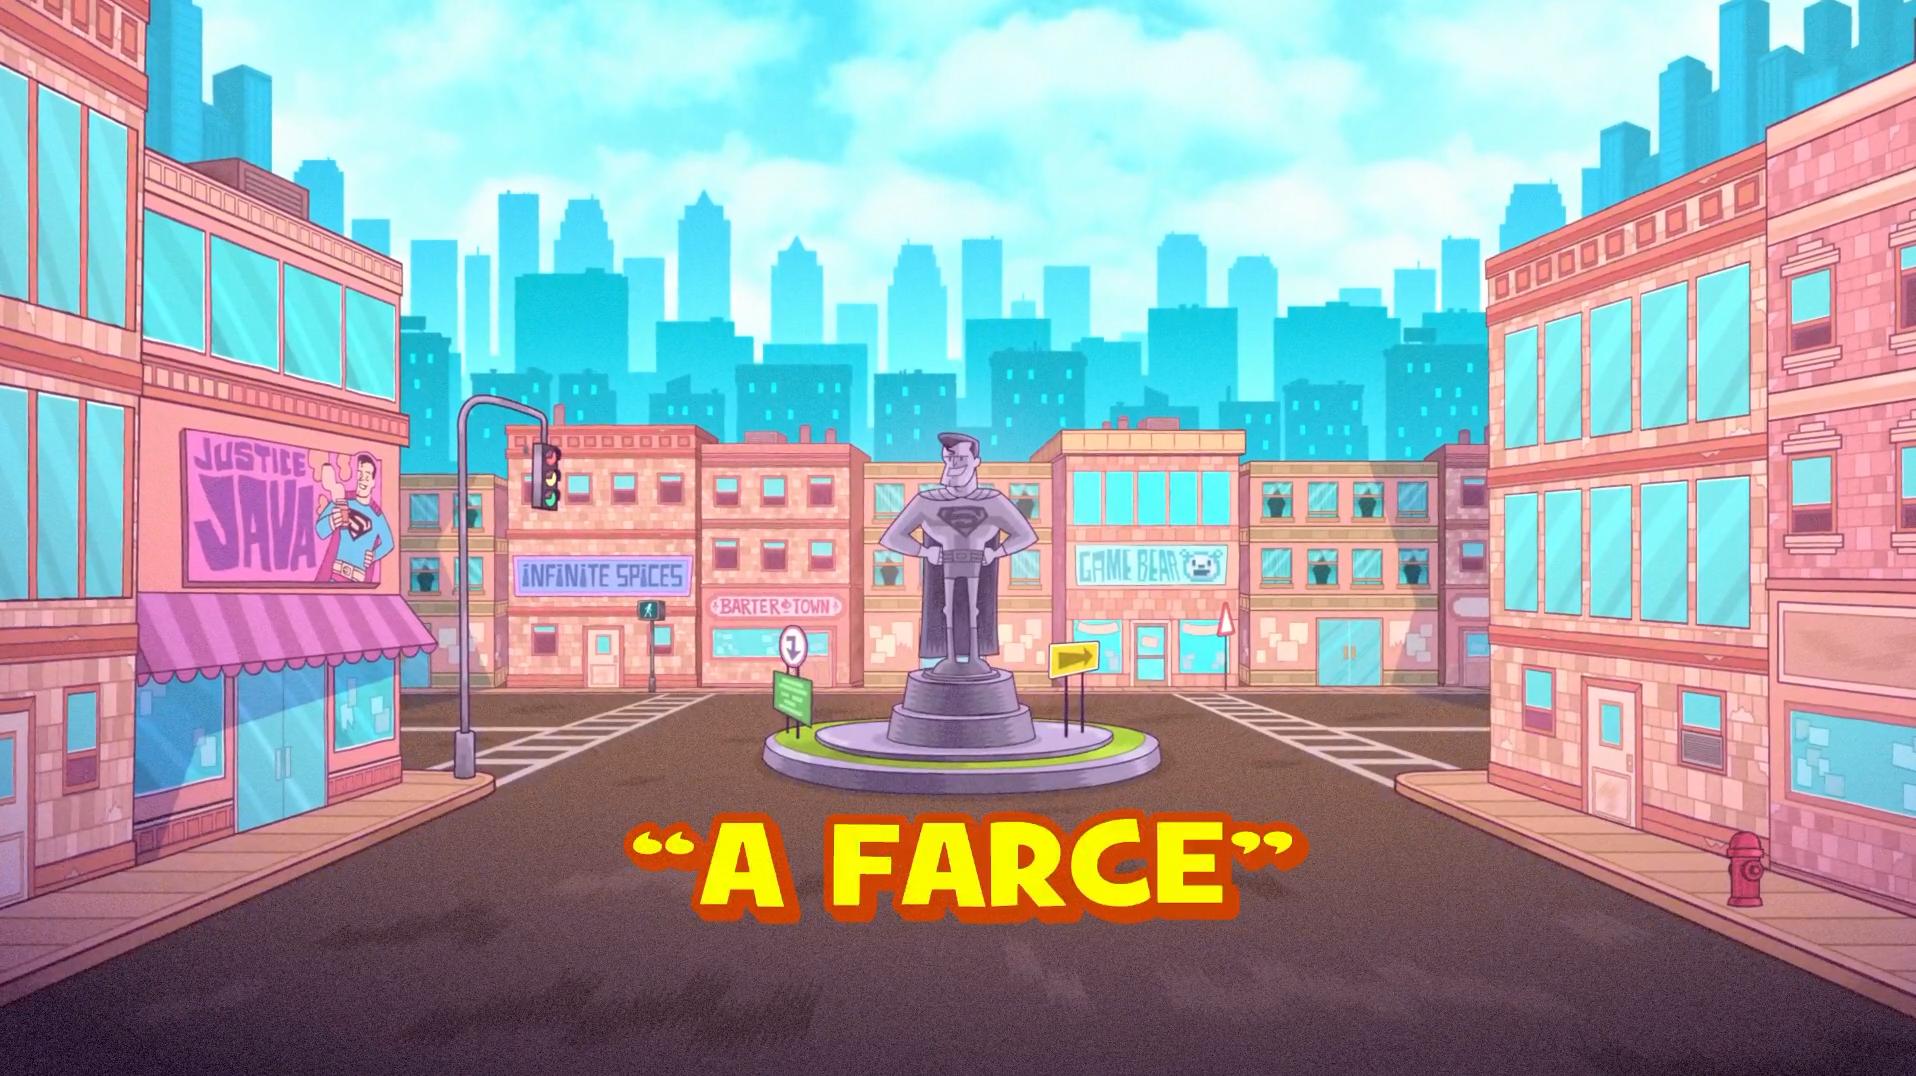 A Farce